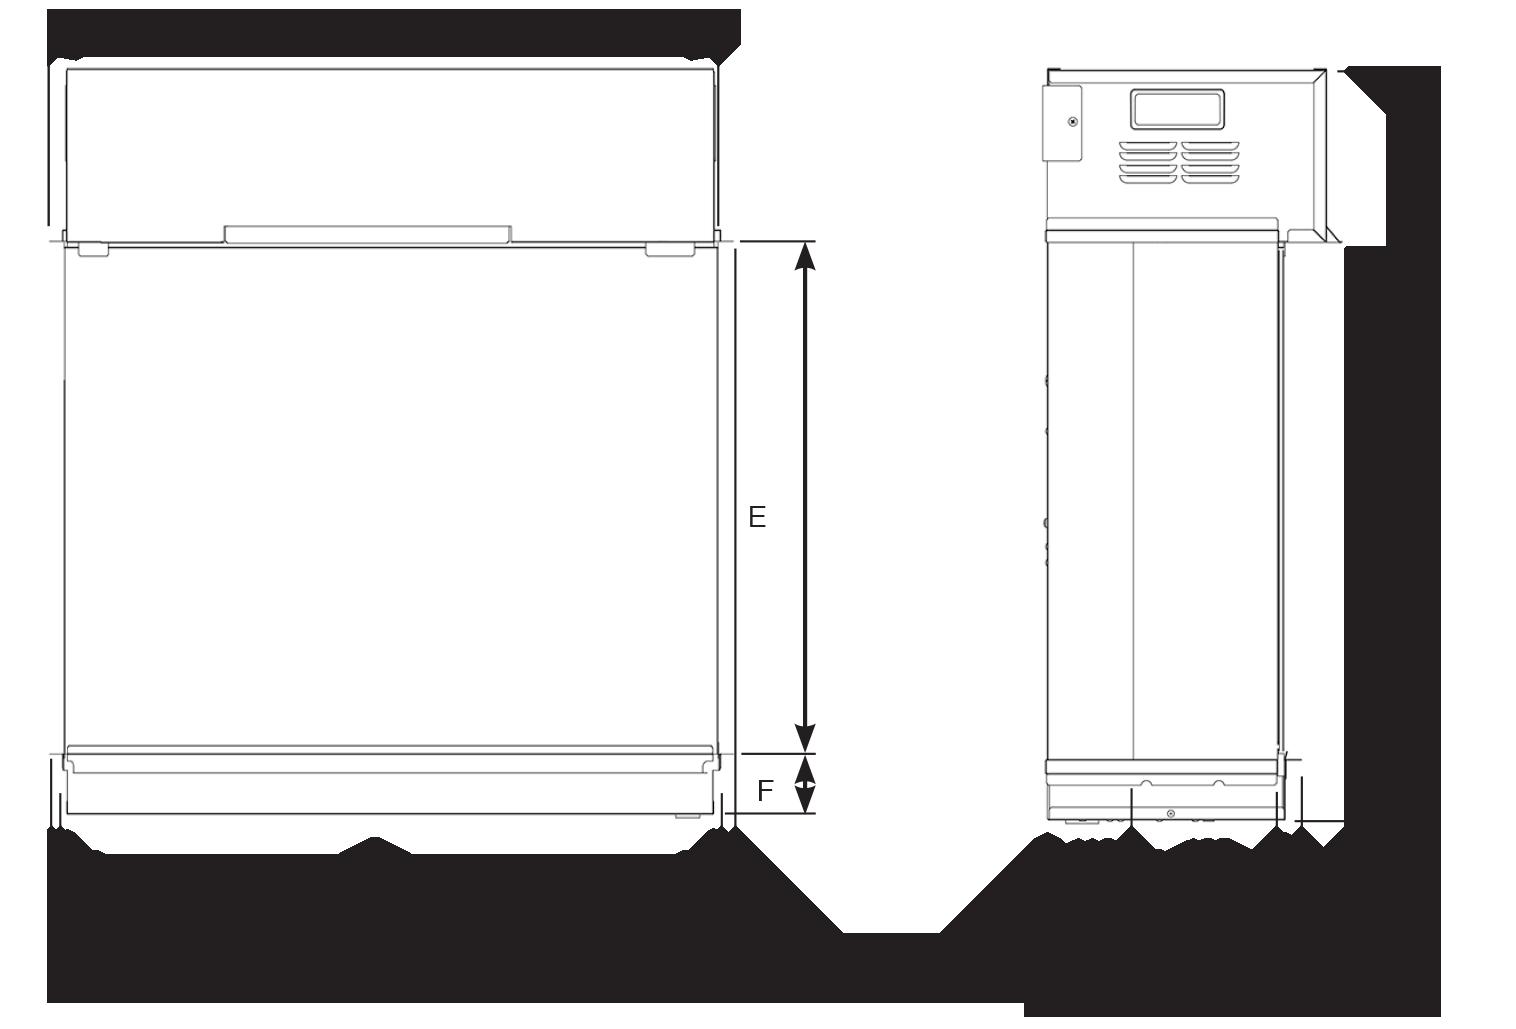 eReflex 75W (formerly Skope) Dimensions